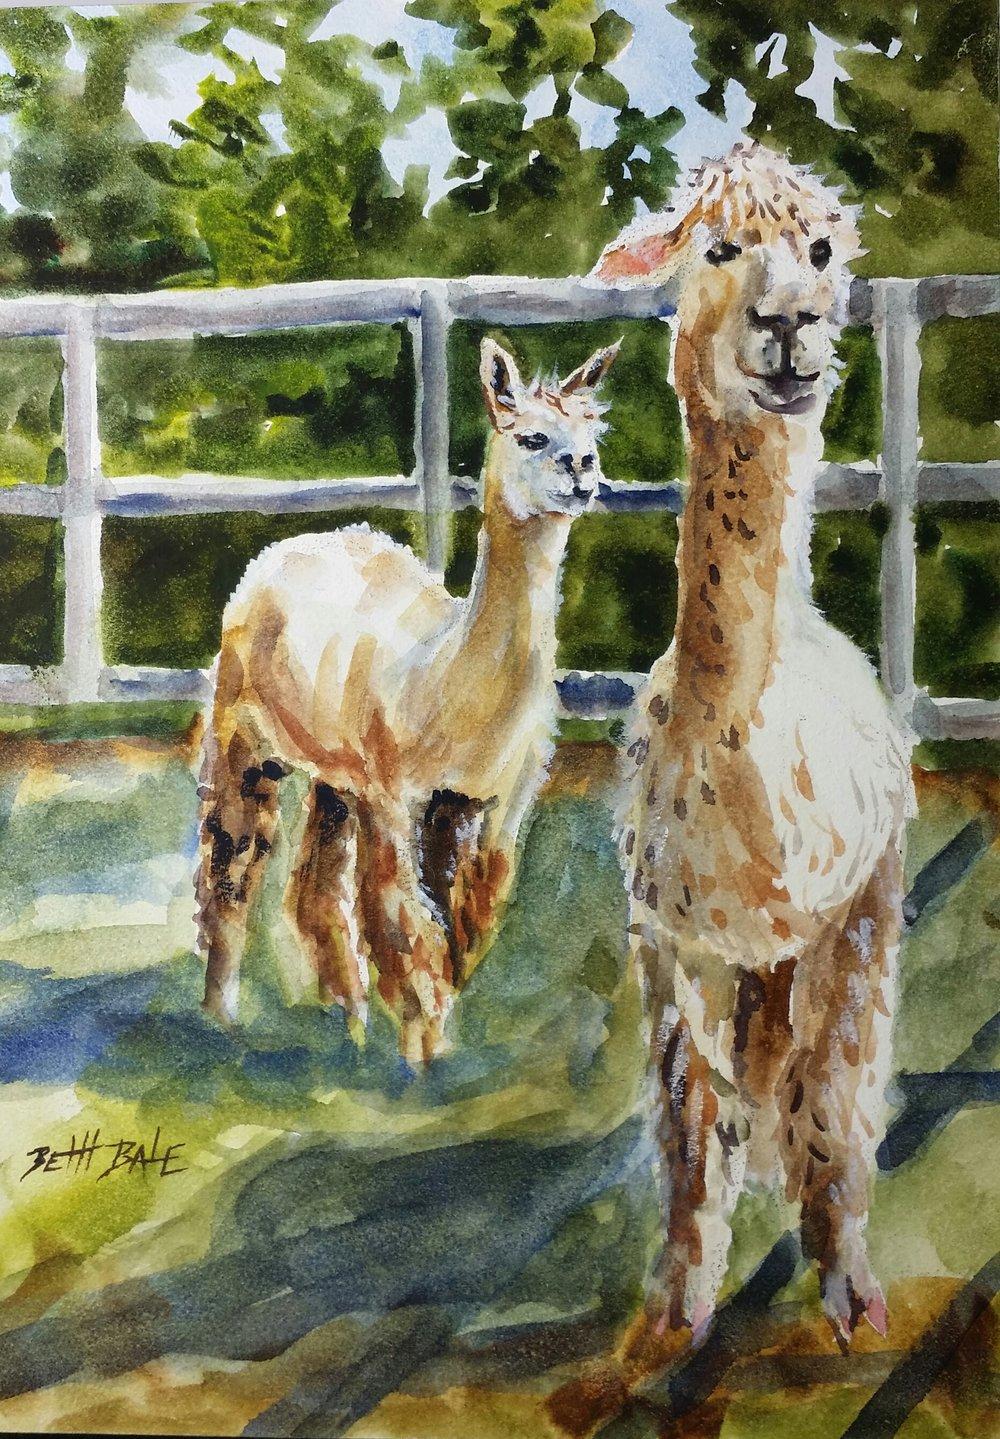 Two Alpacas